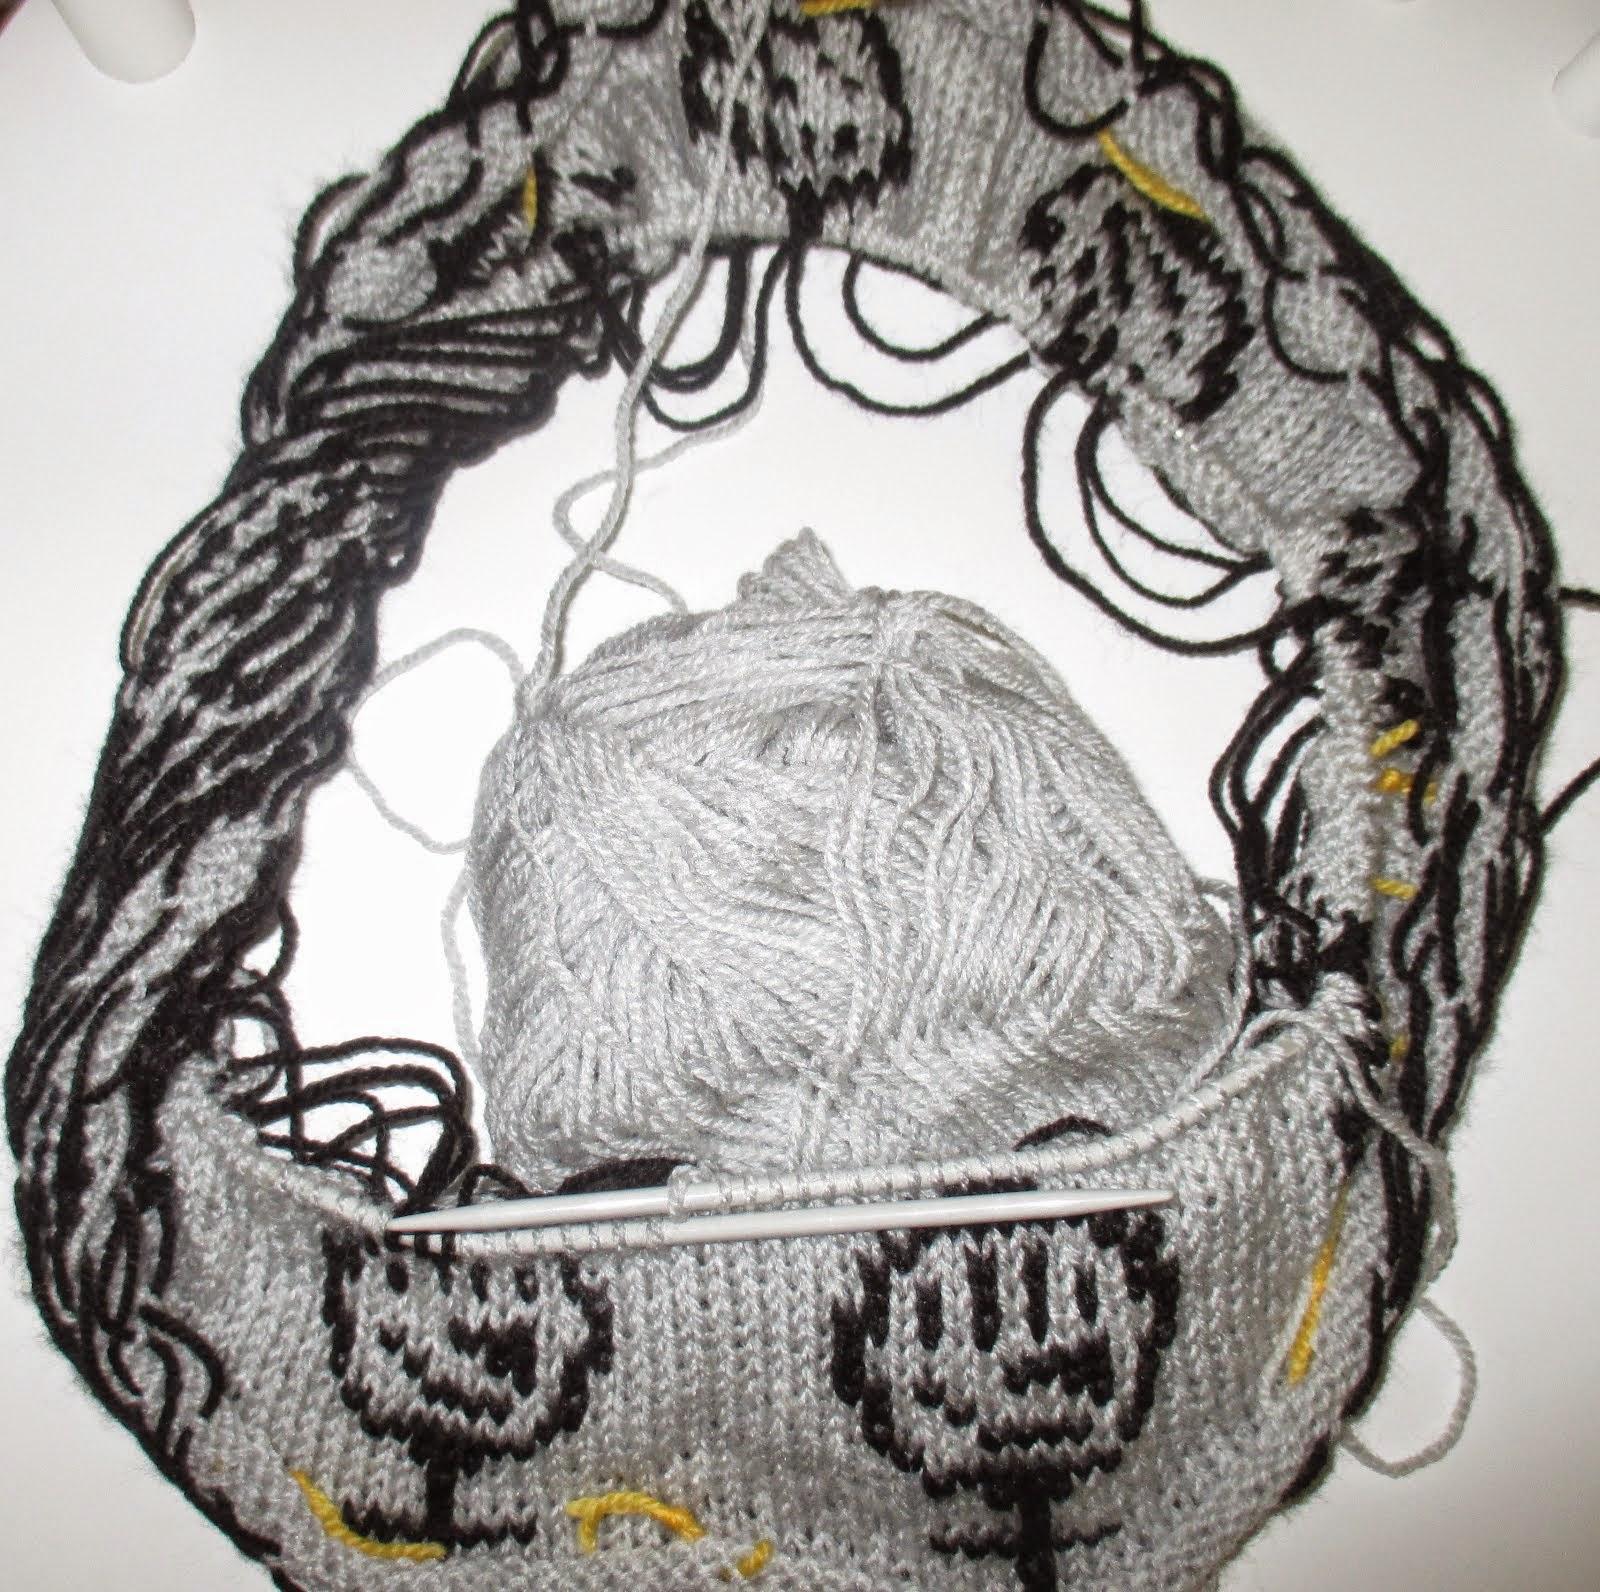 feministisk strikkegrafitti påbegyndt